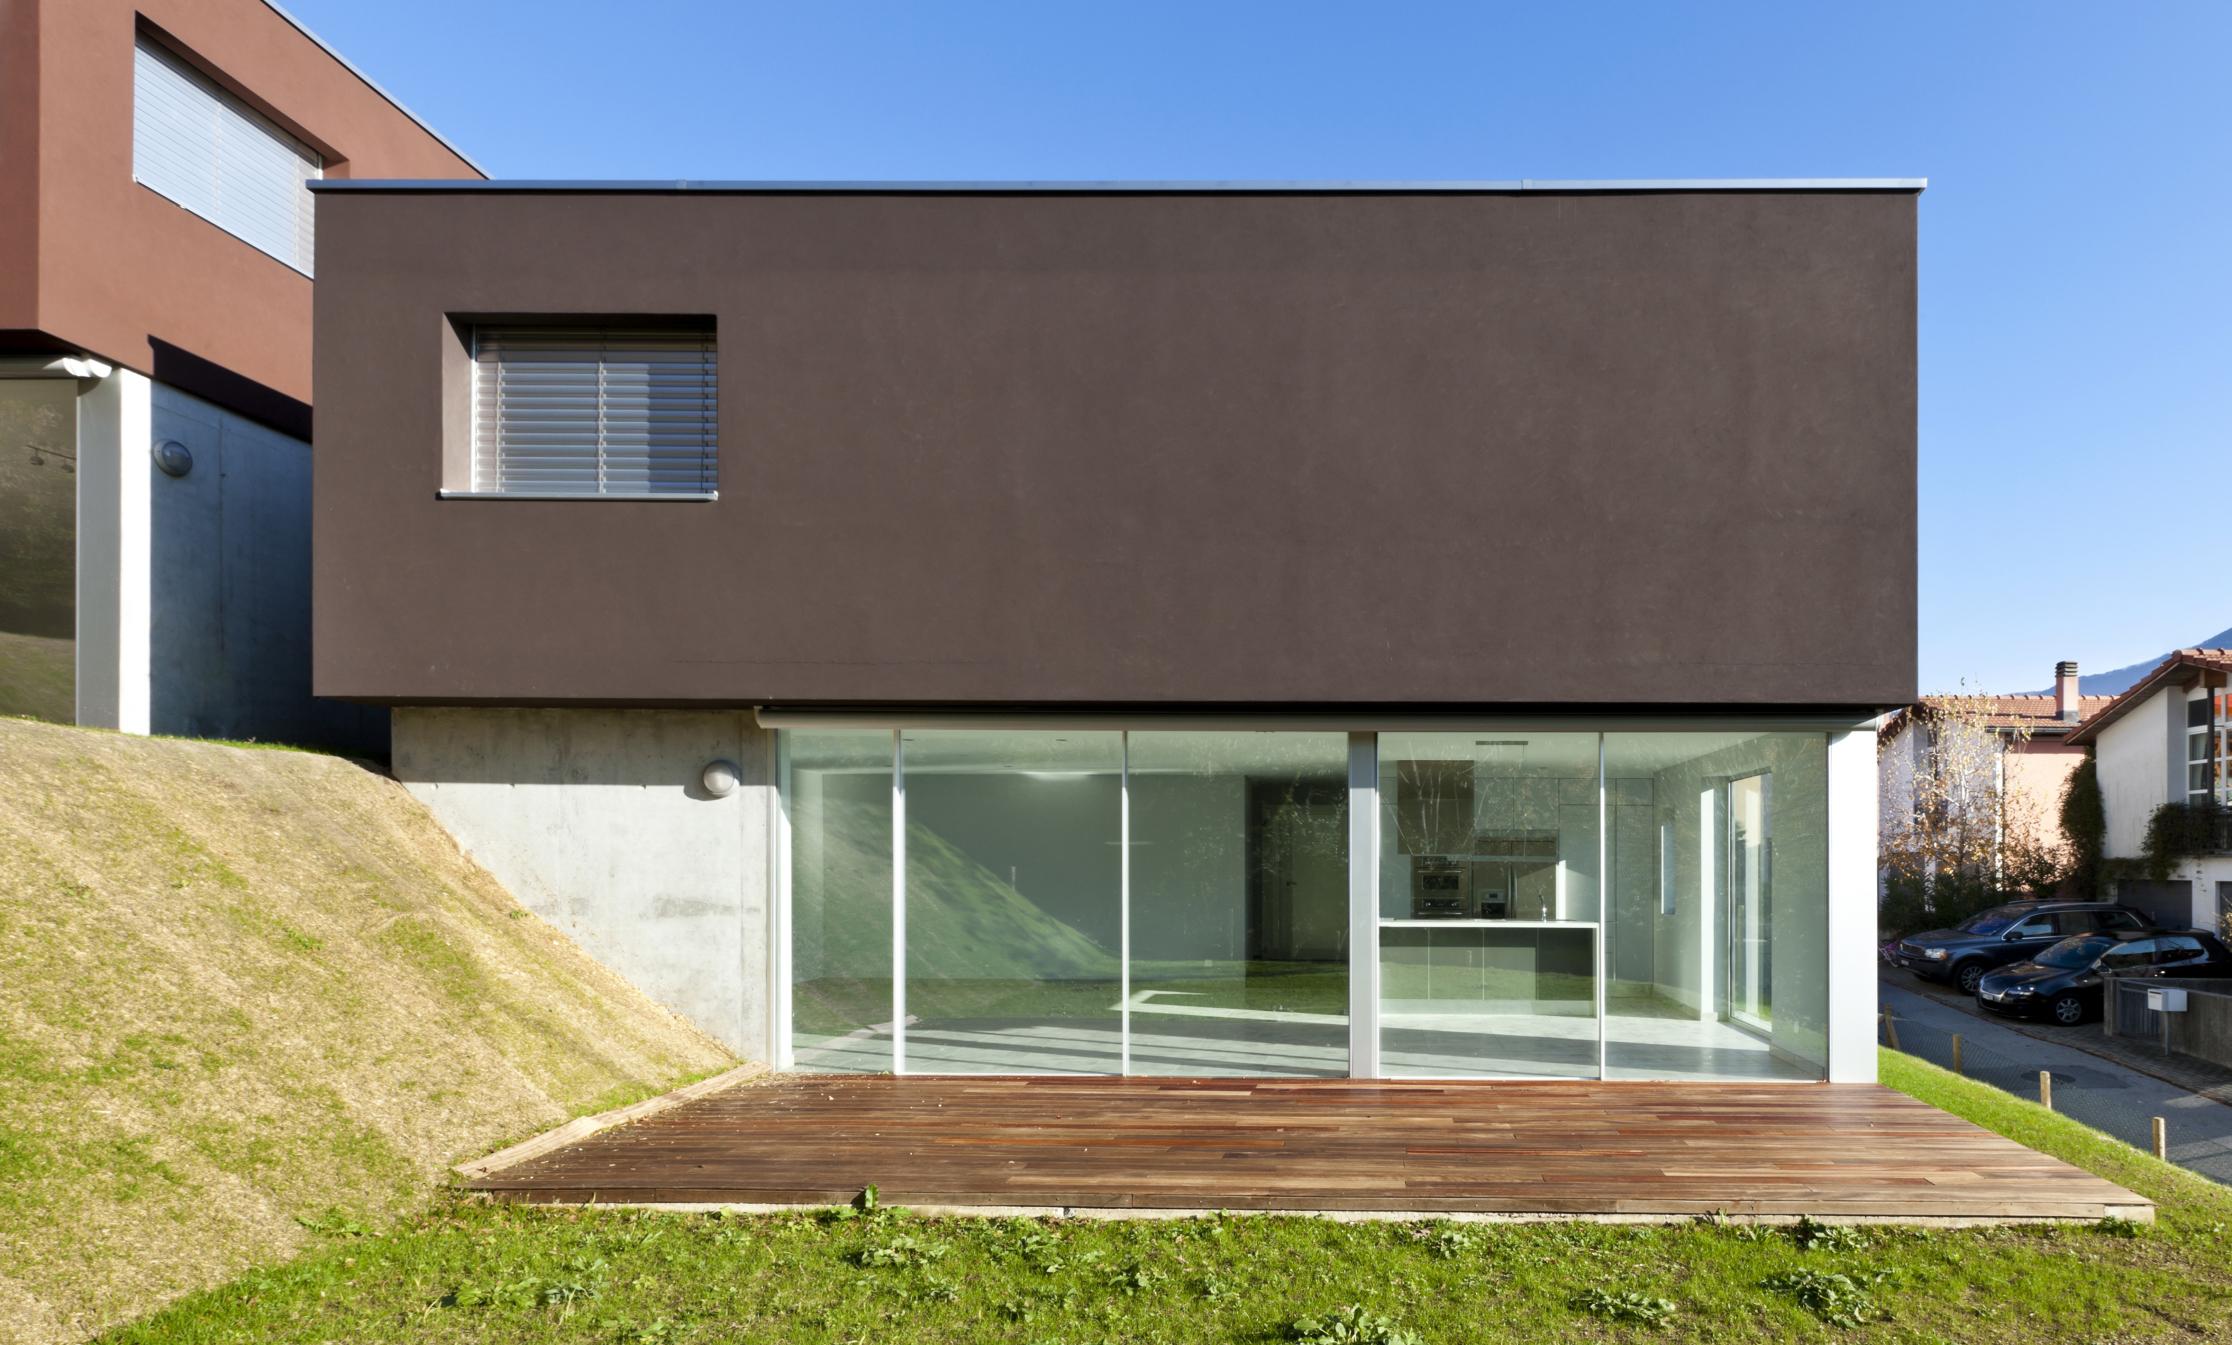 20 frentes de casas modernas planos y fachadas todo for Decoracion de fachadas de casas